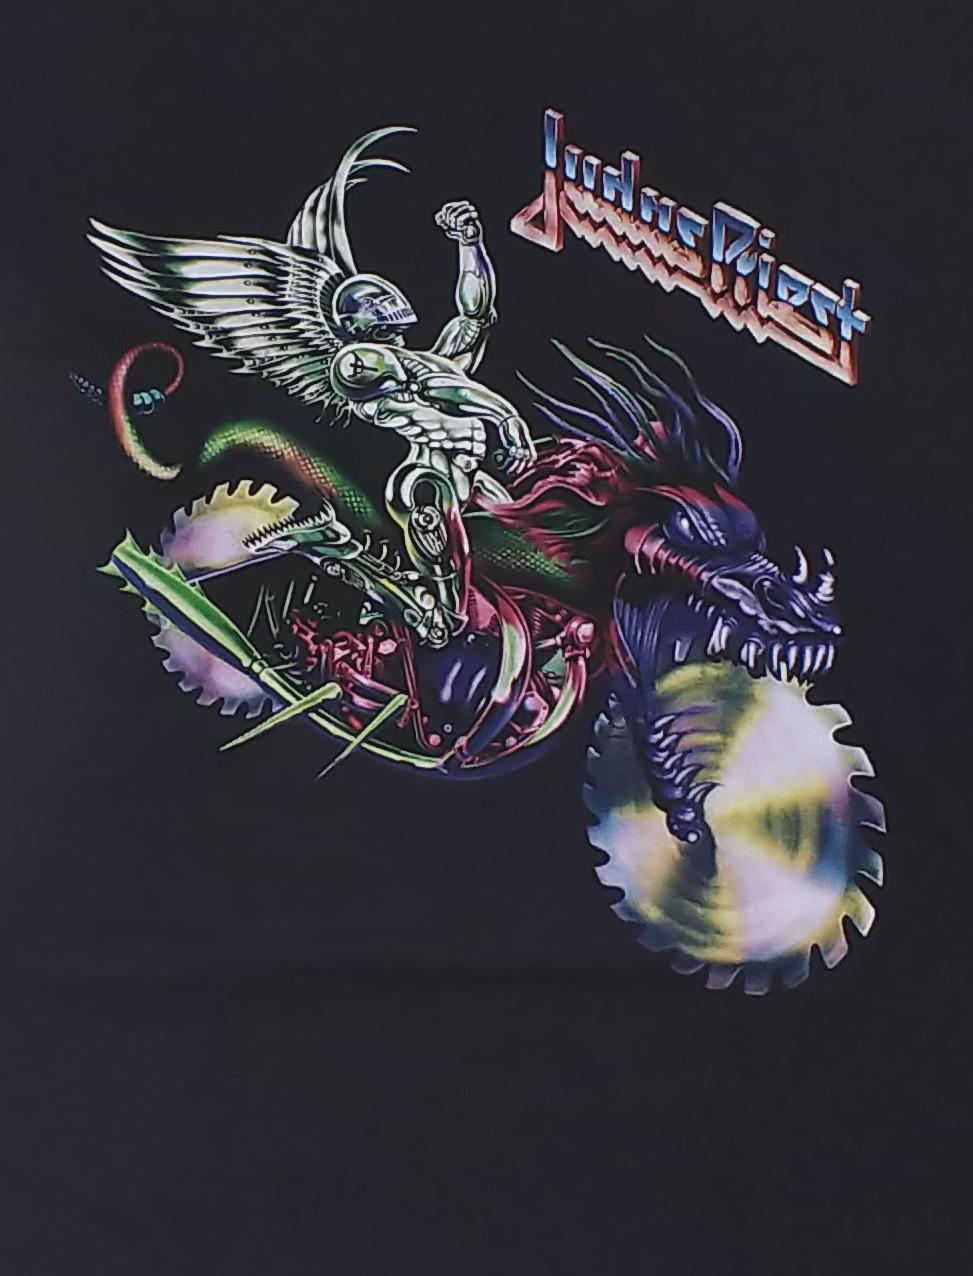 【在庫有り商品】JUDAS PRIEST -ジューダス・プリースト- PAINKILLER 「ペインキラー」 メタル・モンスター Tシャツ Sサイズ